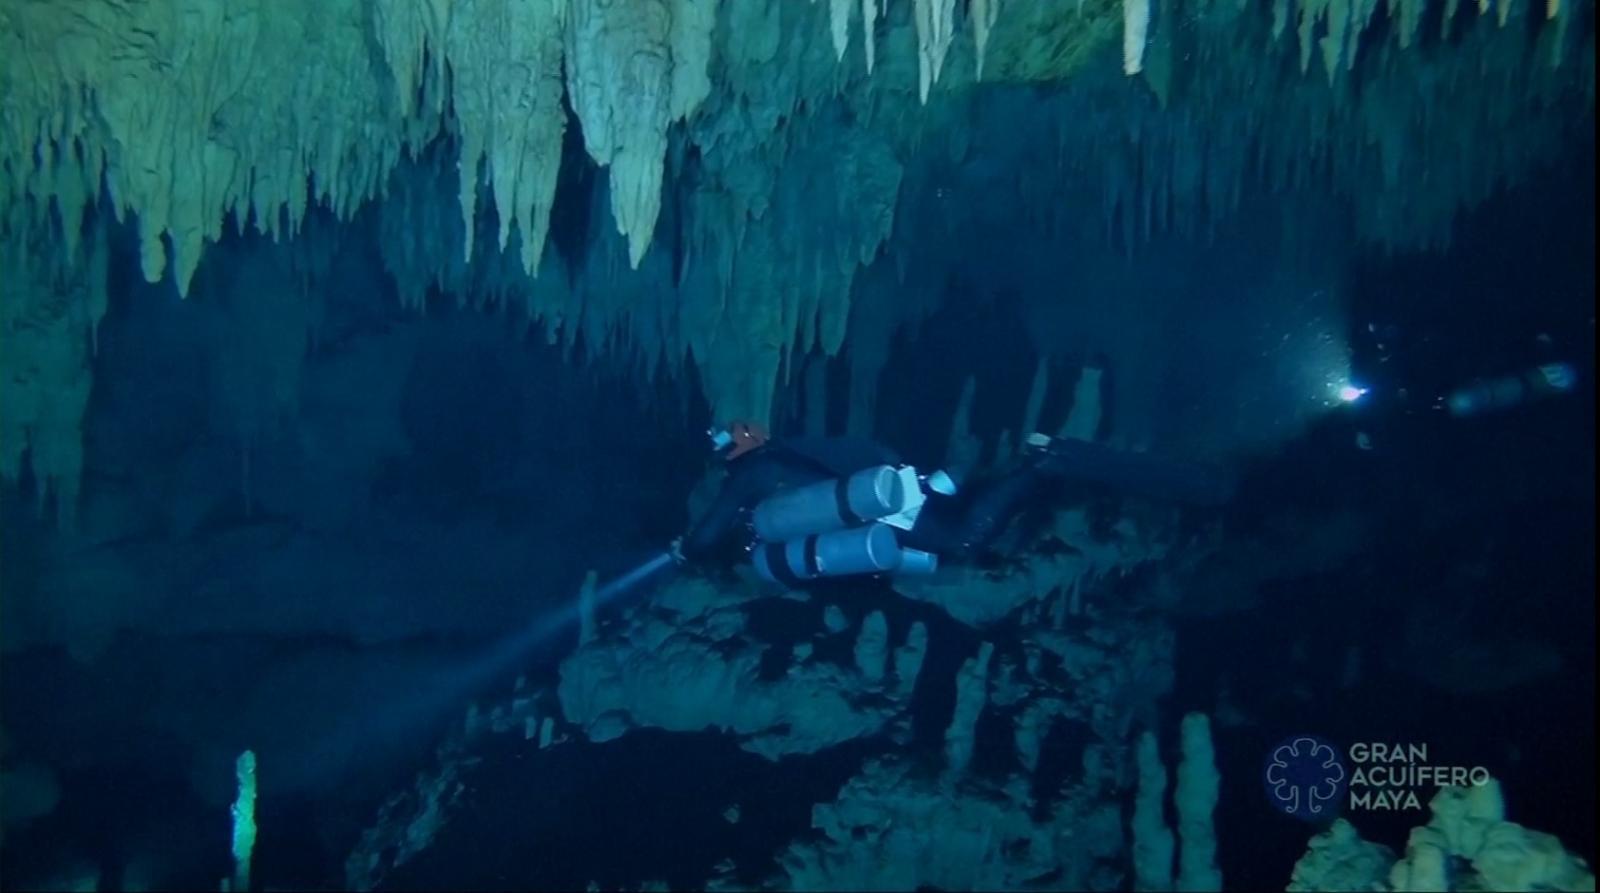 เม็กซิโกพบถ้ำใต้น้ำยาวที่สุดในโลก